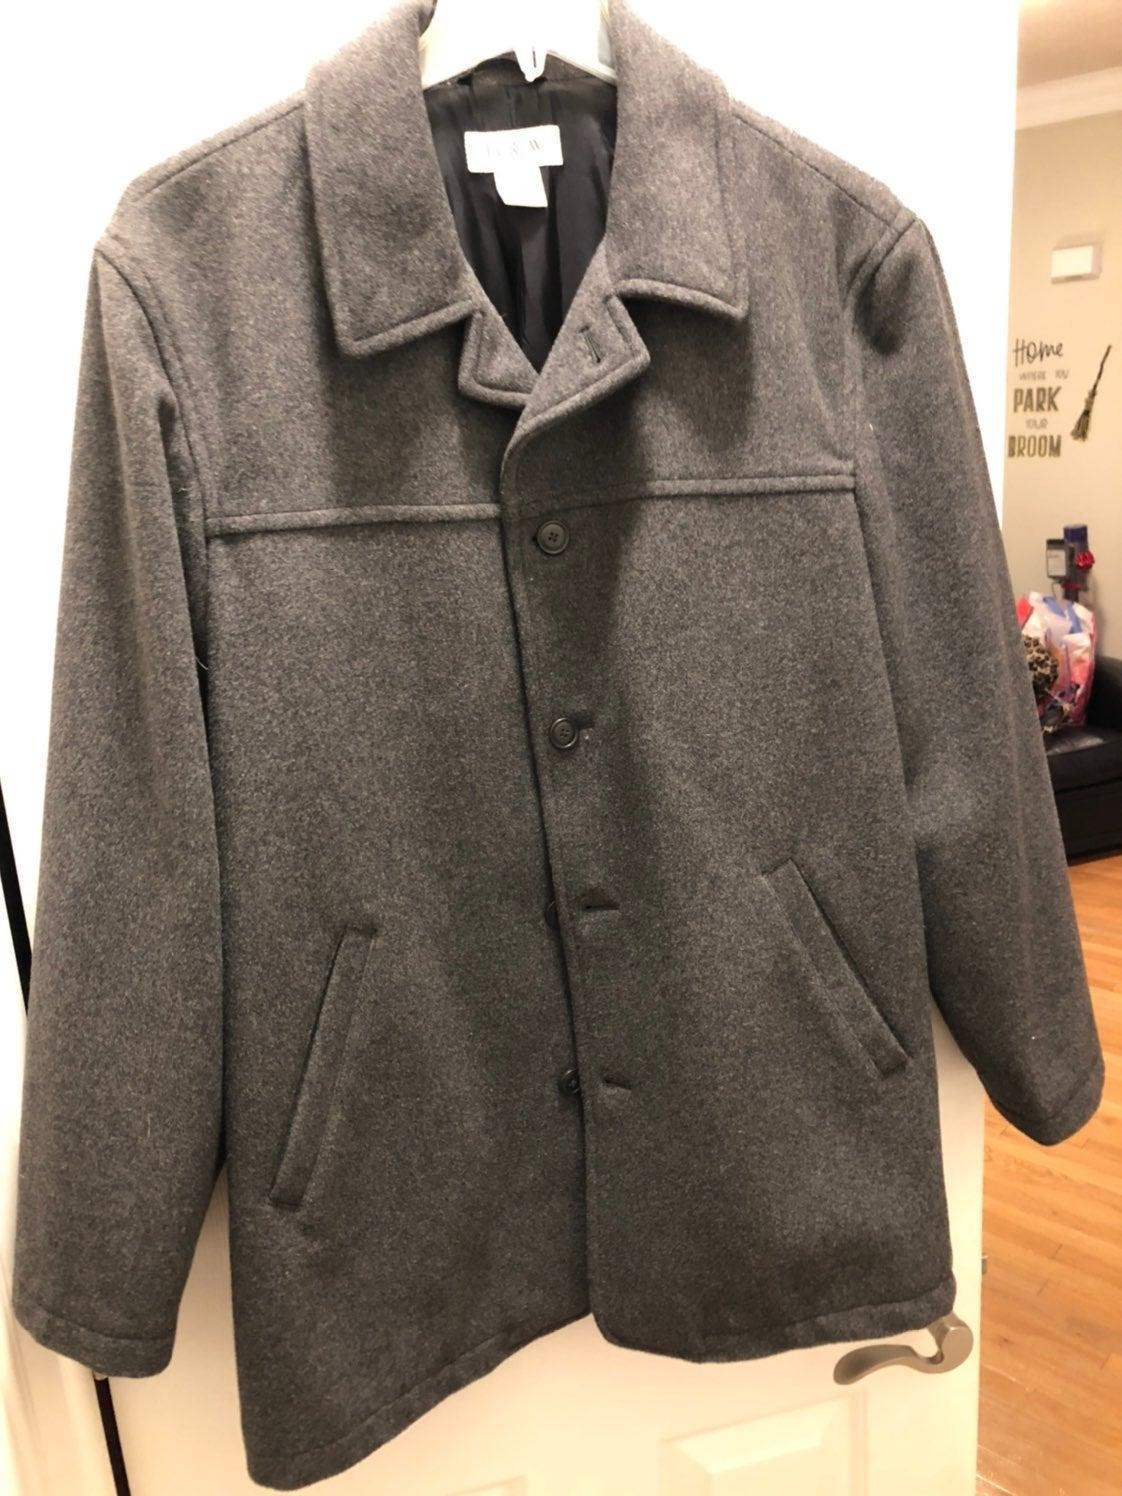 j crew coat